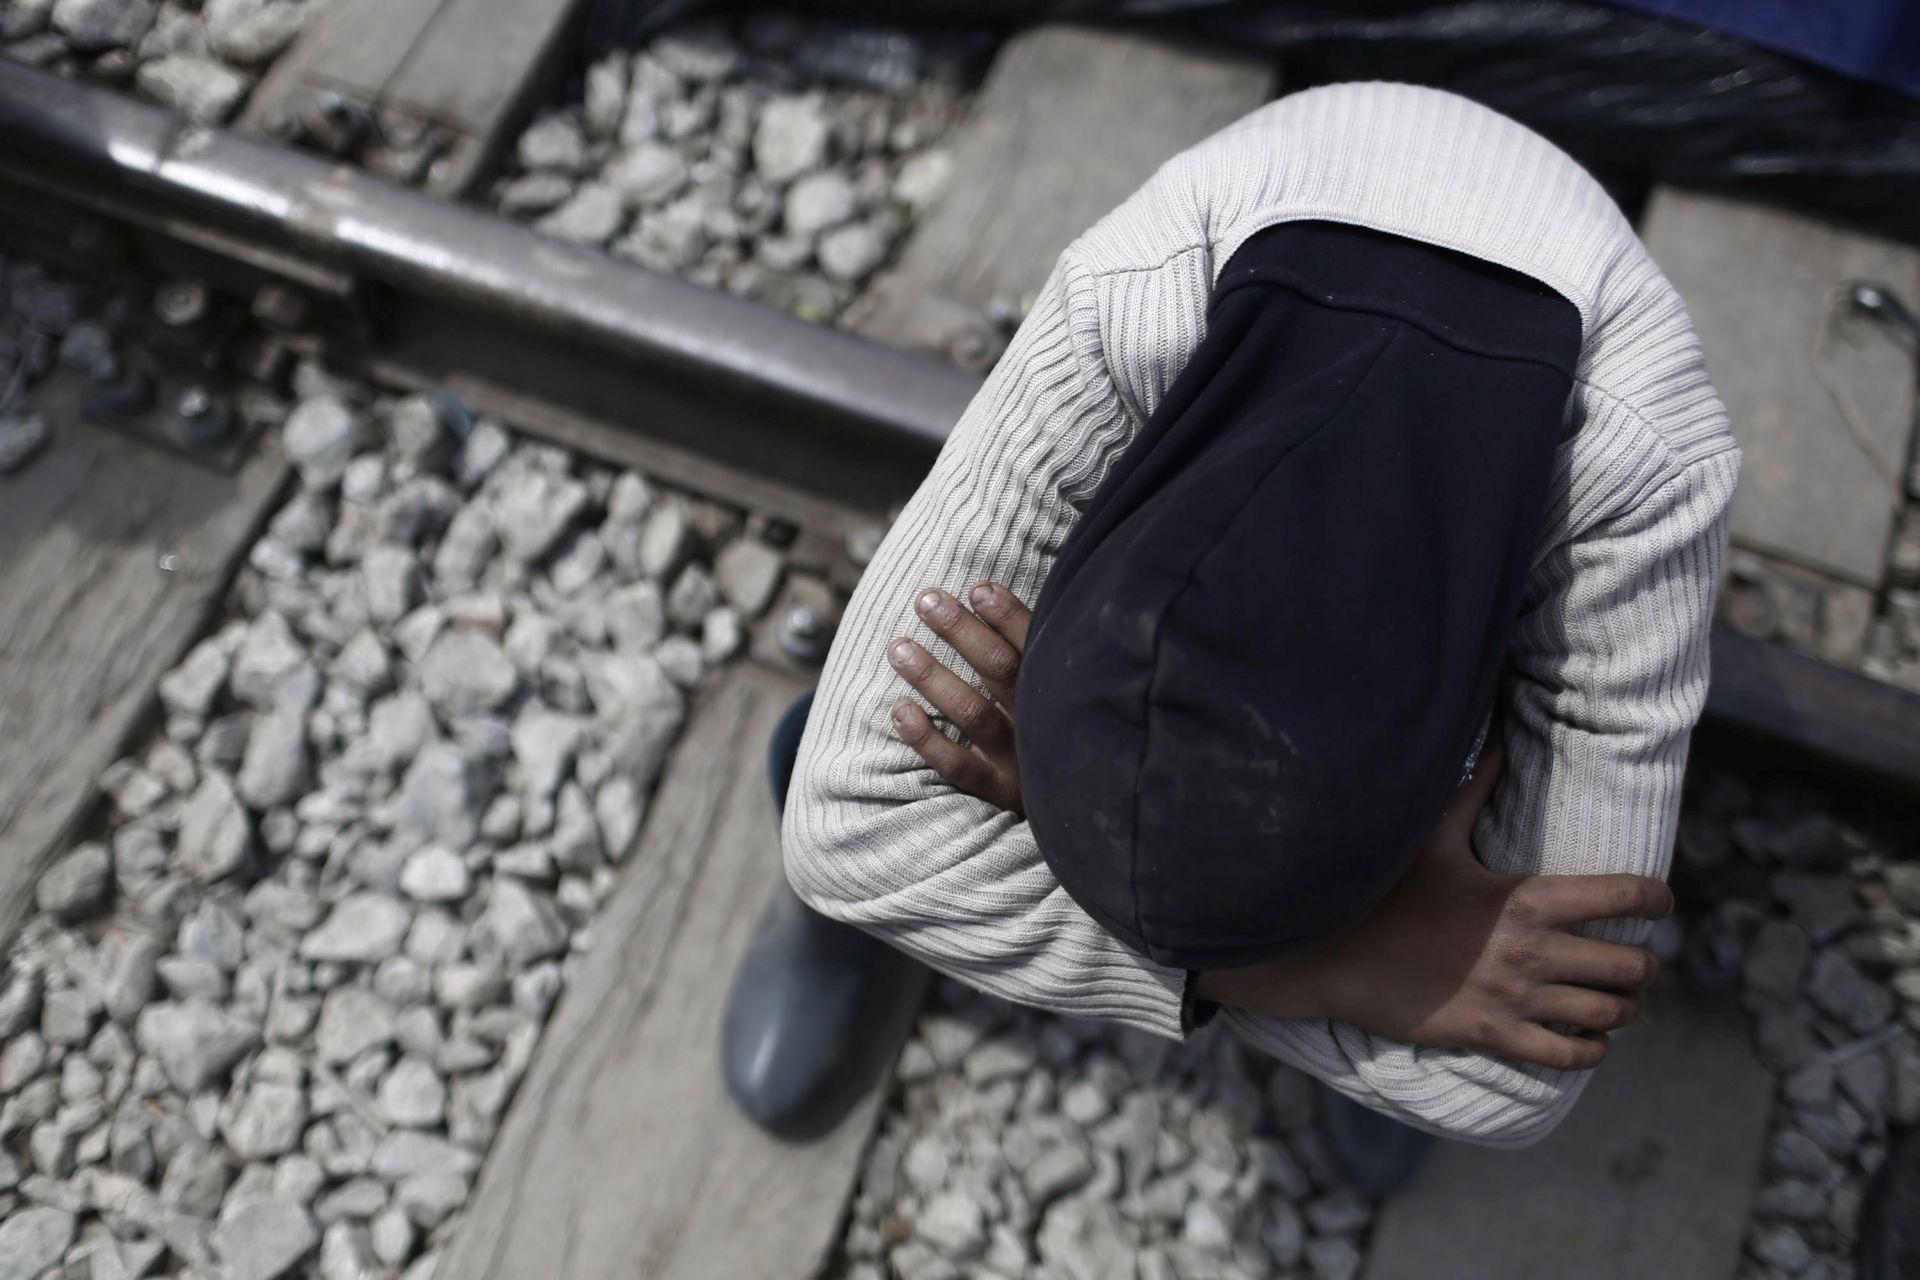 GRČKO-MAKEDONSKA GRANICA: Preminuo Sirijac kojeg je udarilo policijsko vozilo